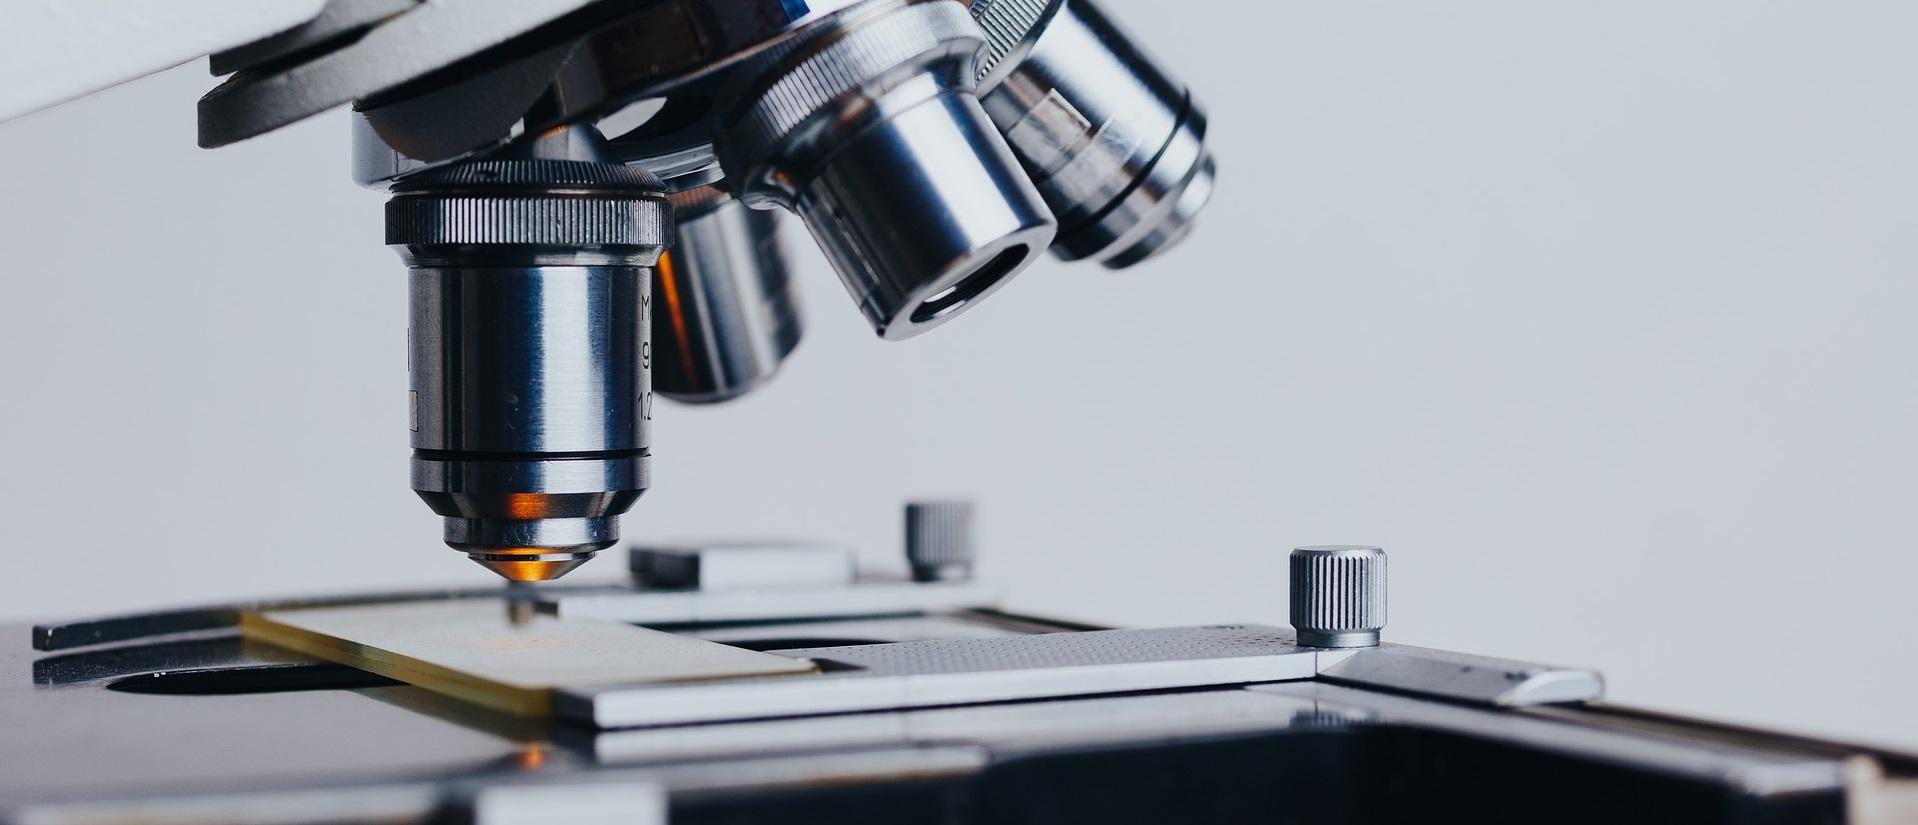 Der Objekttisch und das Objektiv eines Mikroskops